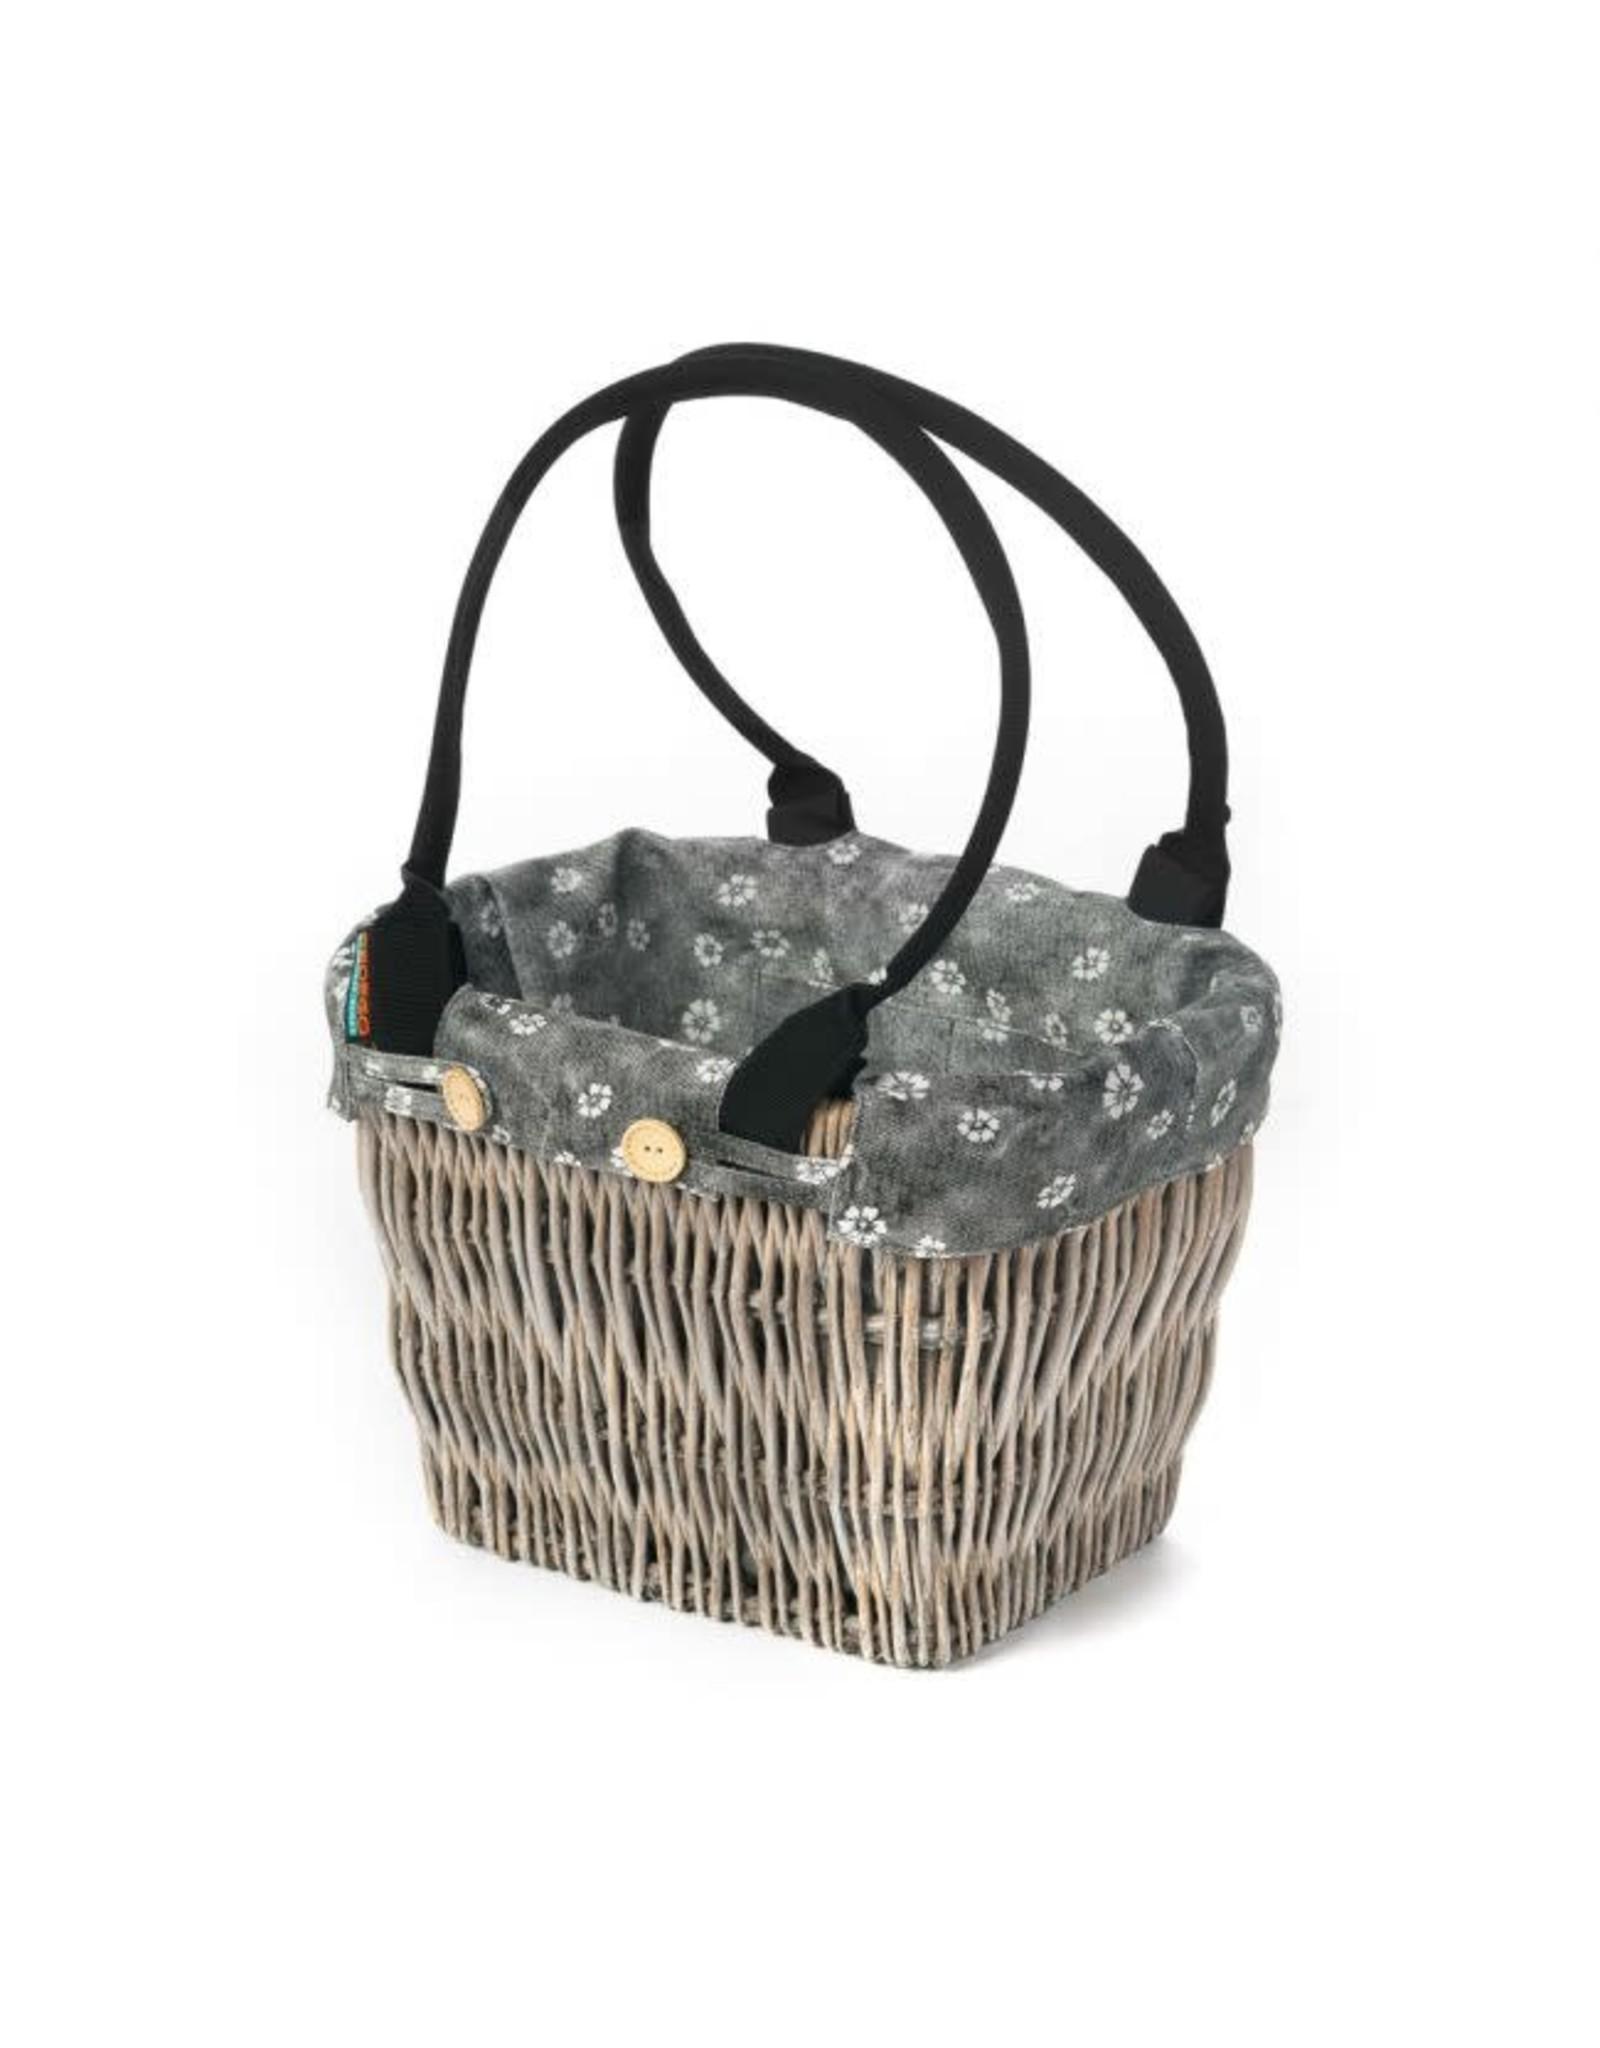 Pedego Electric Bikes Basket Liner for Wicker Basket